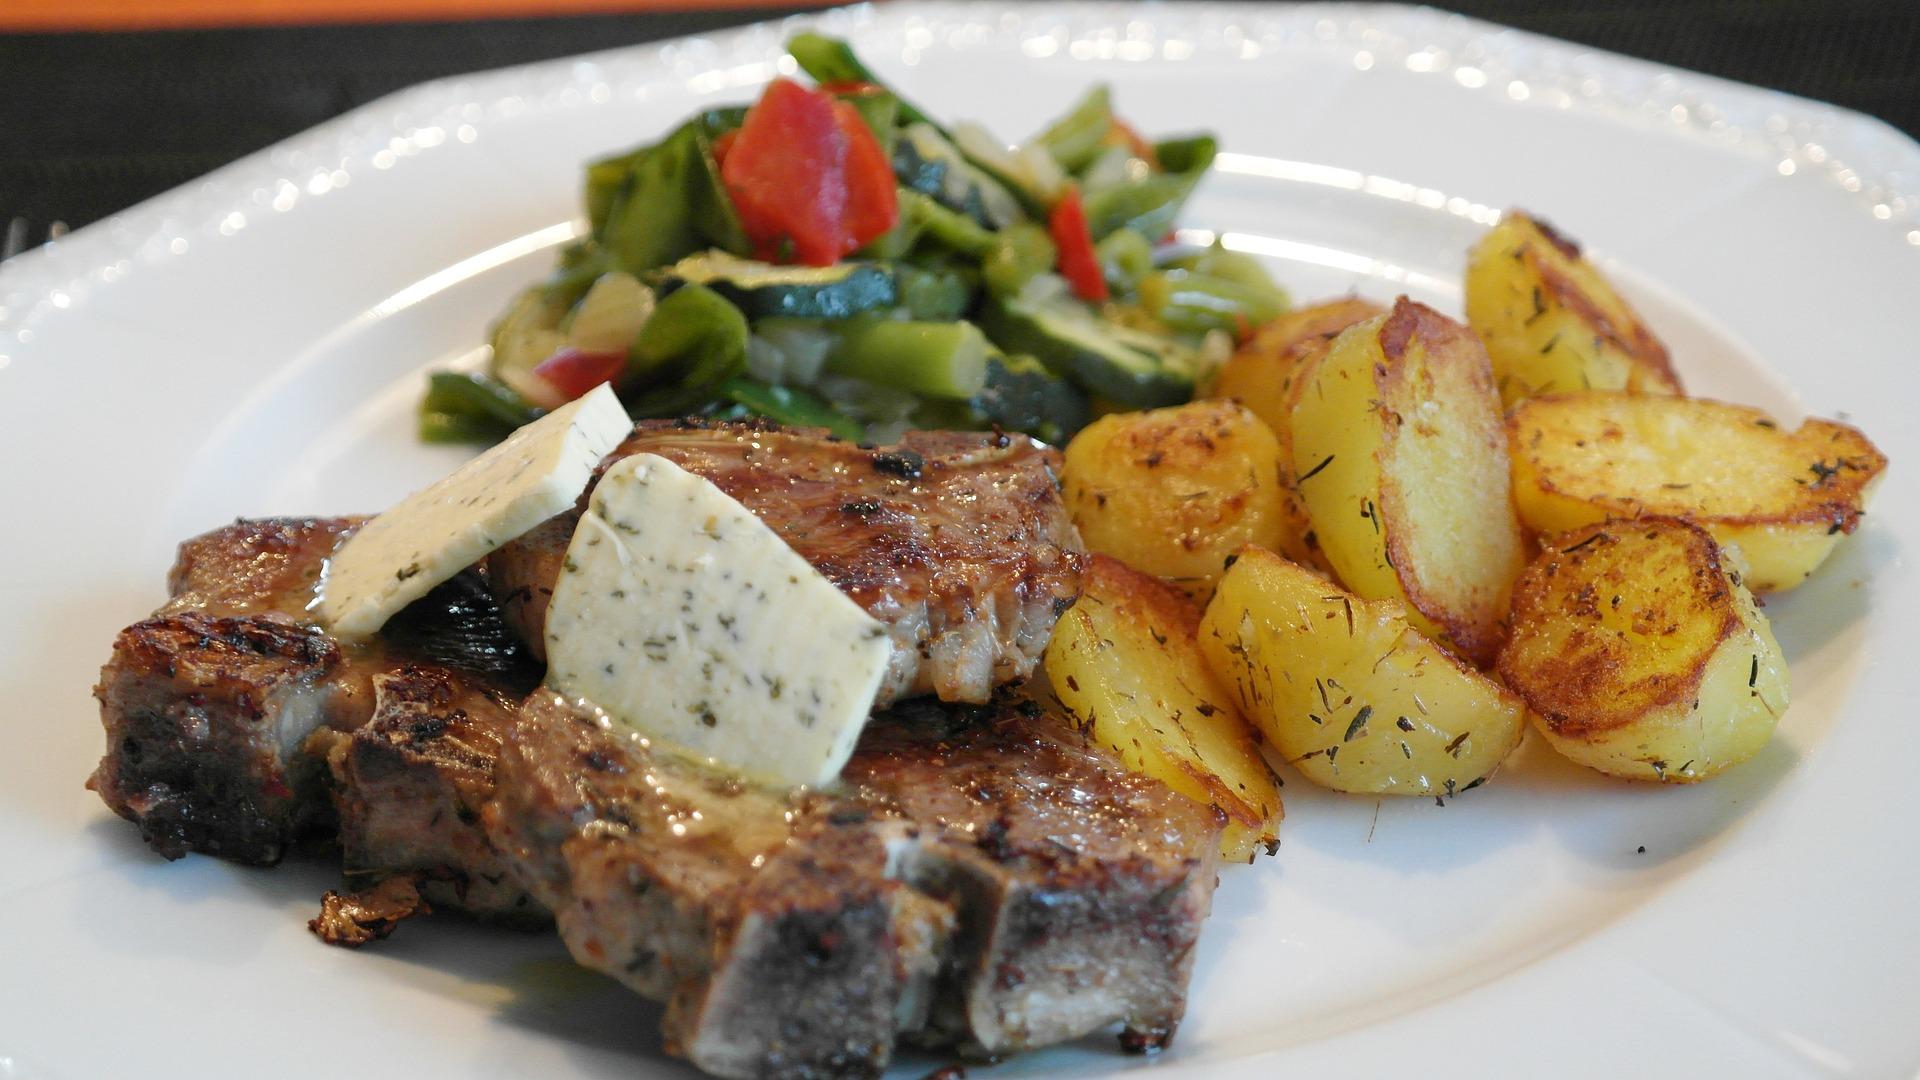 Serbian food, roast lamb